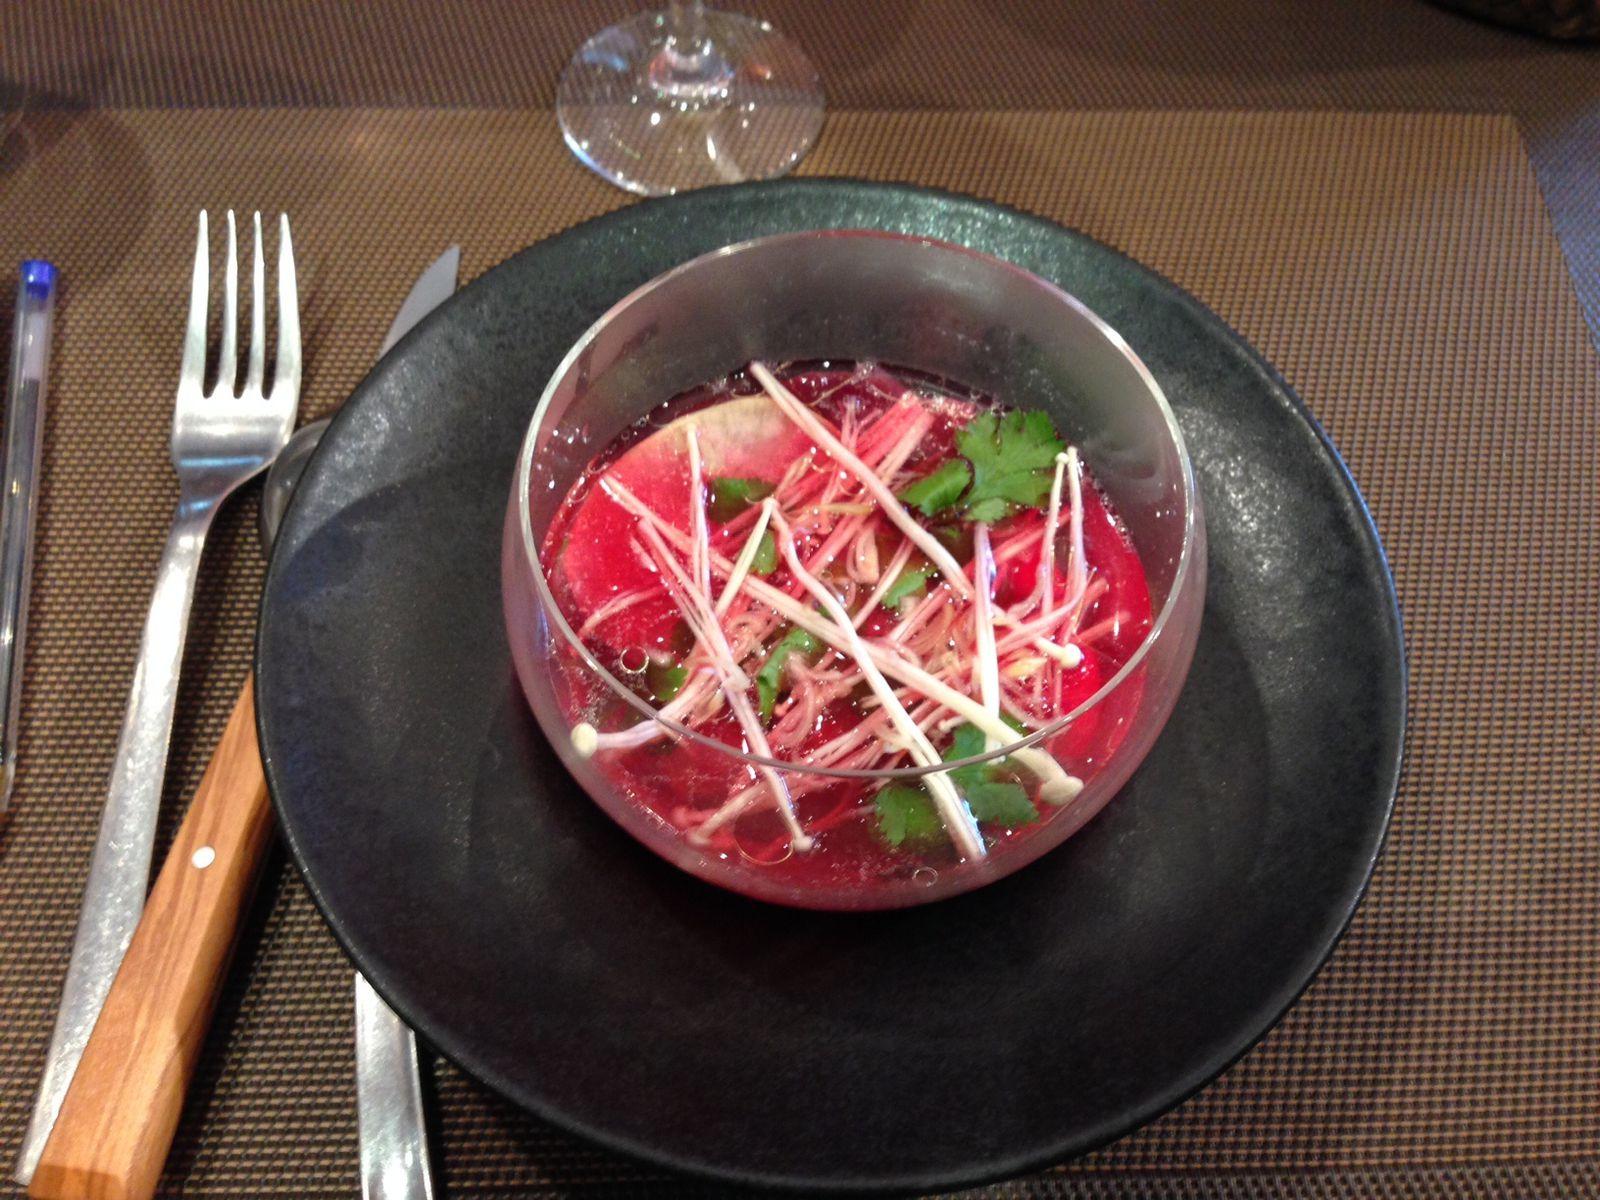 L'entrée est servie. Un bouillon de canard, navet, raves et champignons nagent dans ce joli liquide rosé… Ca sent bon… et c'est bon !